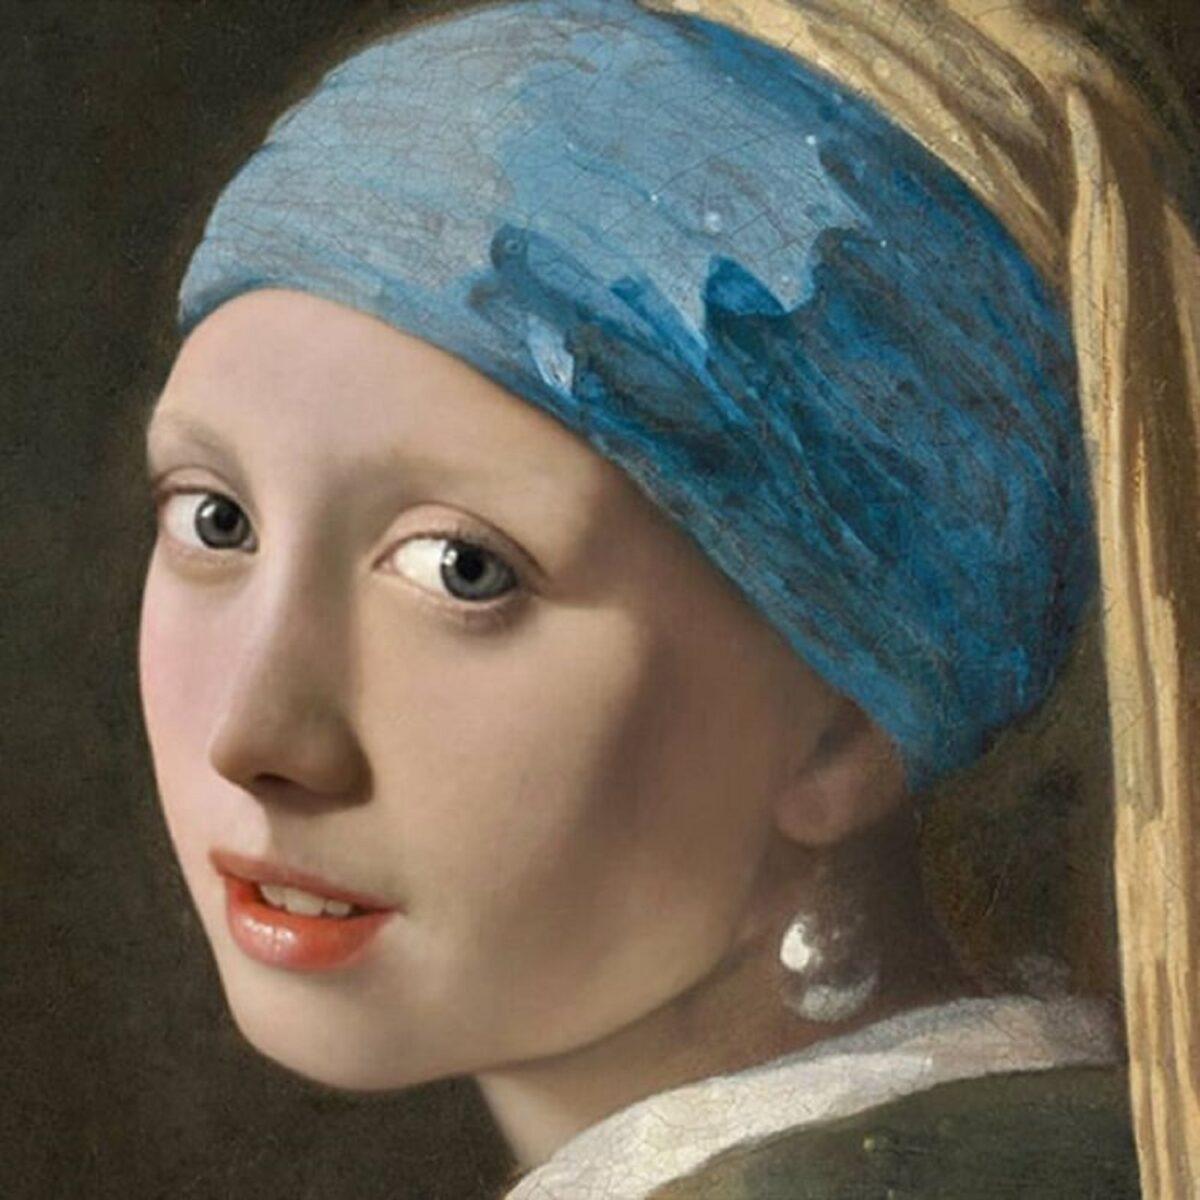 Bas Uterwijk artista mostra como eram essas figuras historicas na vida real 29